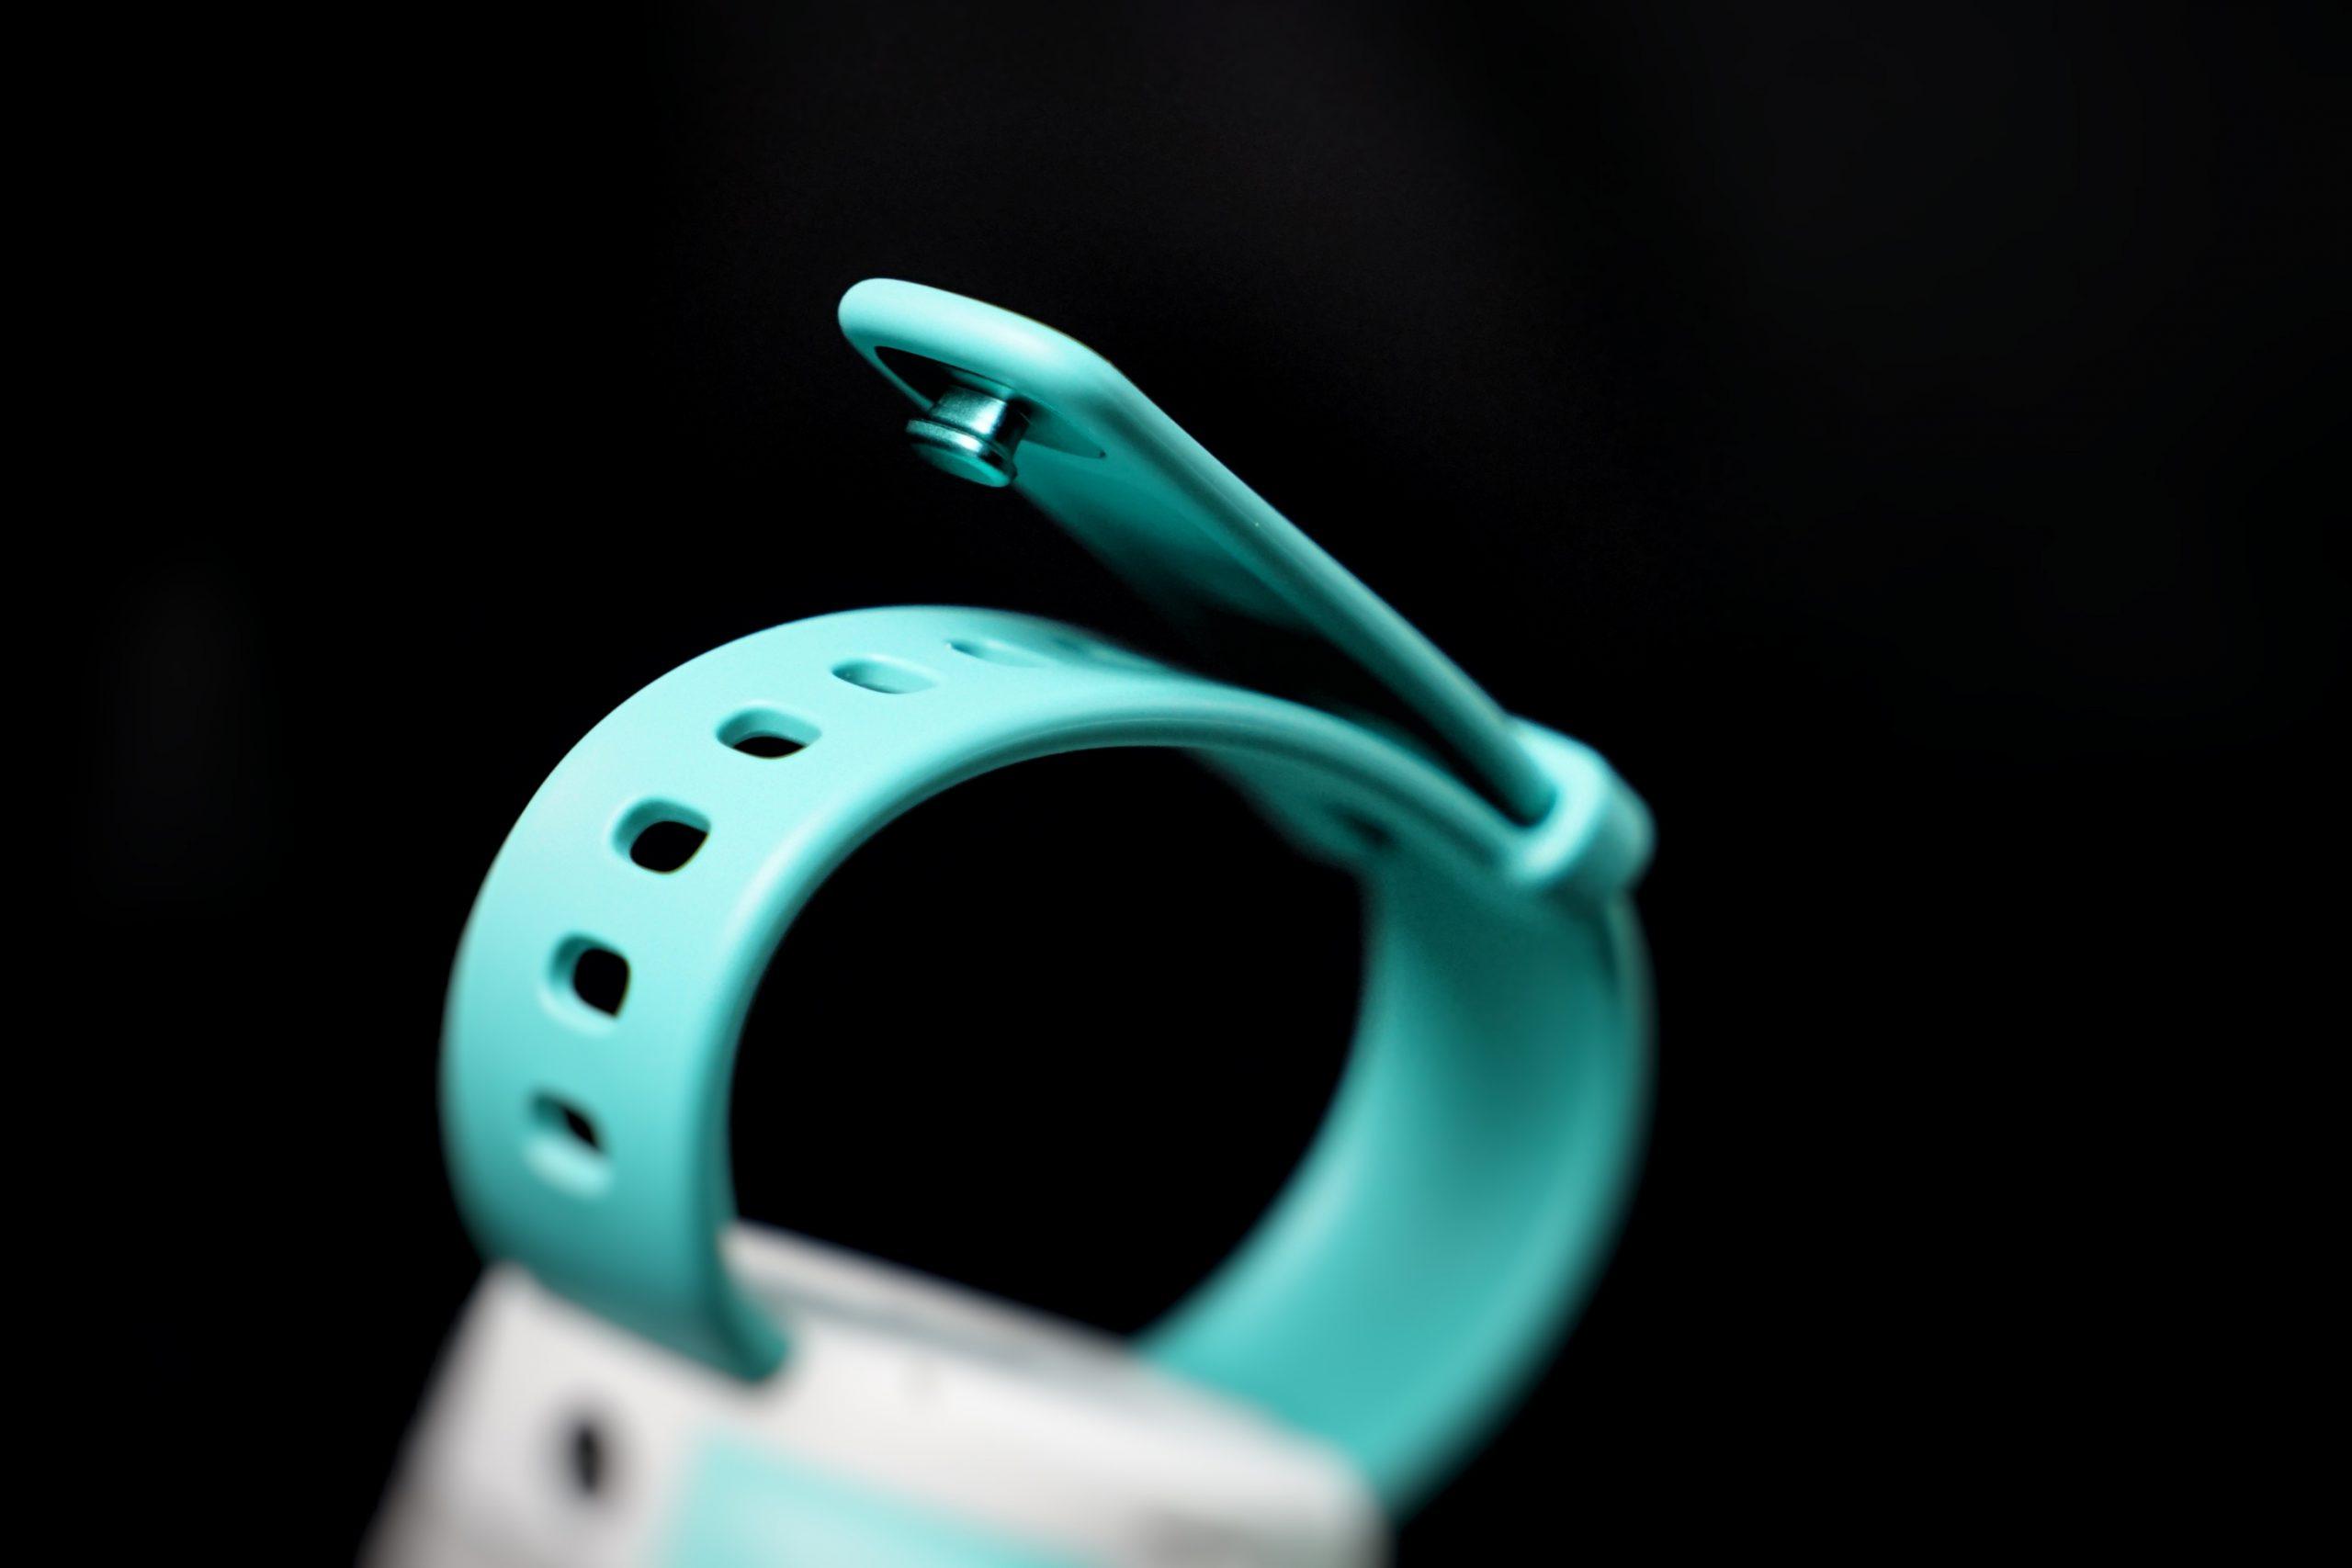 Sicherer Verschluss. Auch wenn sich das Armband einmal öffnet, die Smartwatch rutscht nicht vom Handgelenk